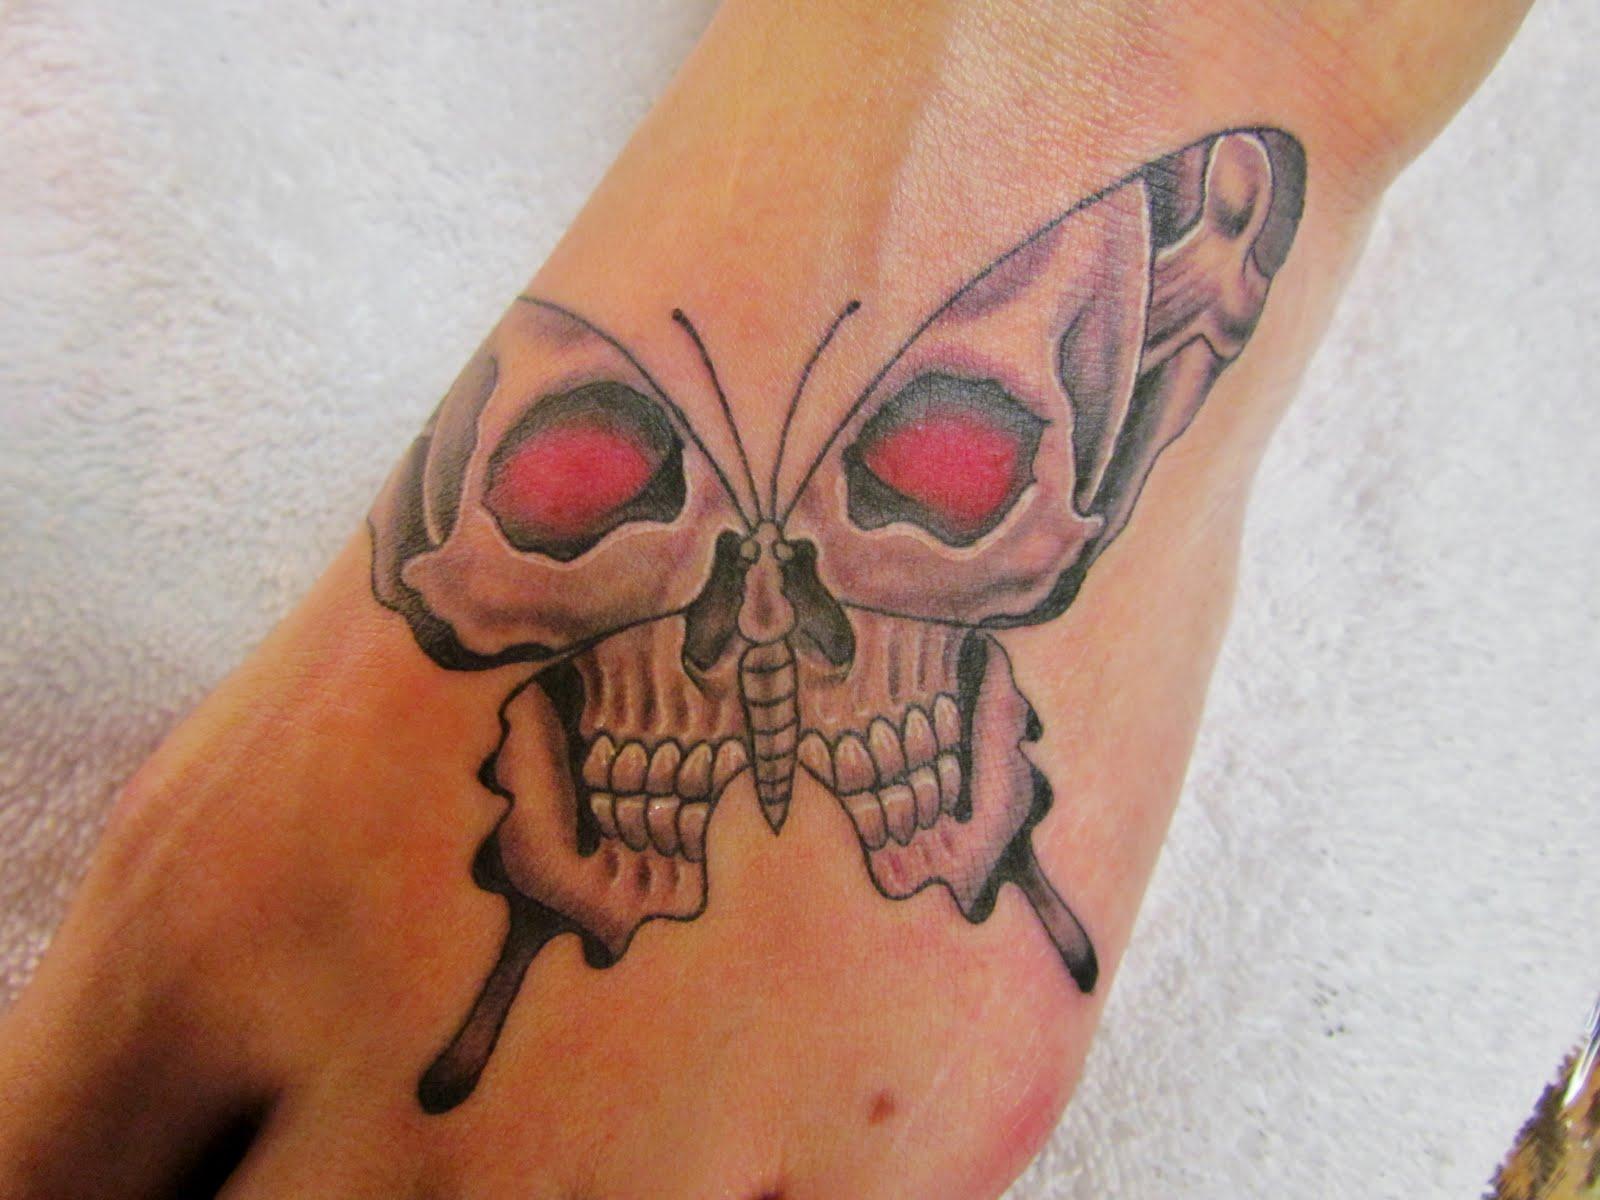 http://3.bp.blogspot.com/-aP_NdSWk5K4/Tkb8FJKrxNI/AAAAAAAAAMA/OEAXHgicvso/s1600/butterskull%20002.JPG